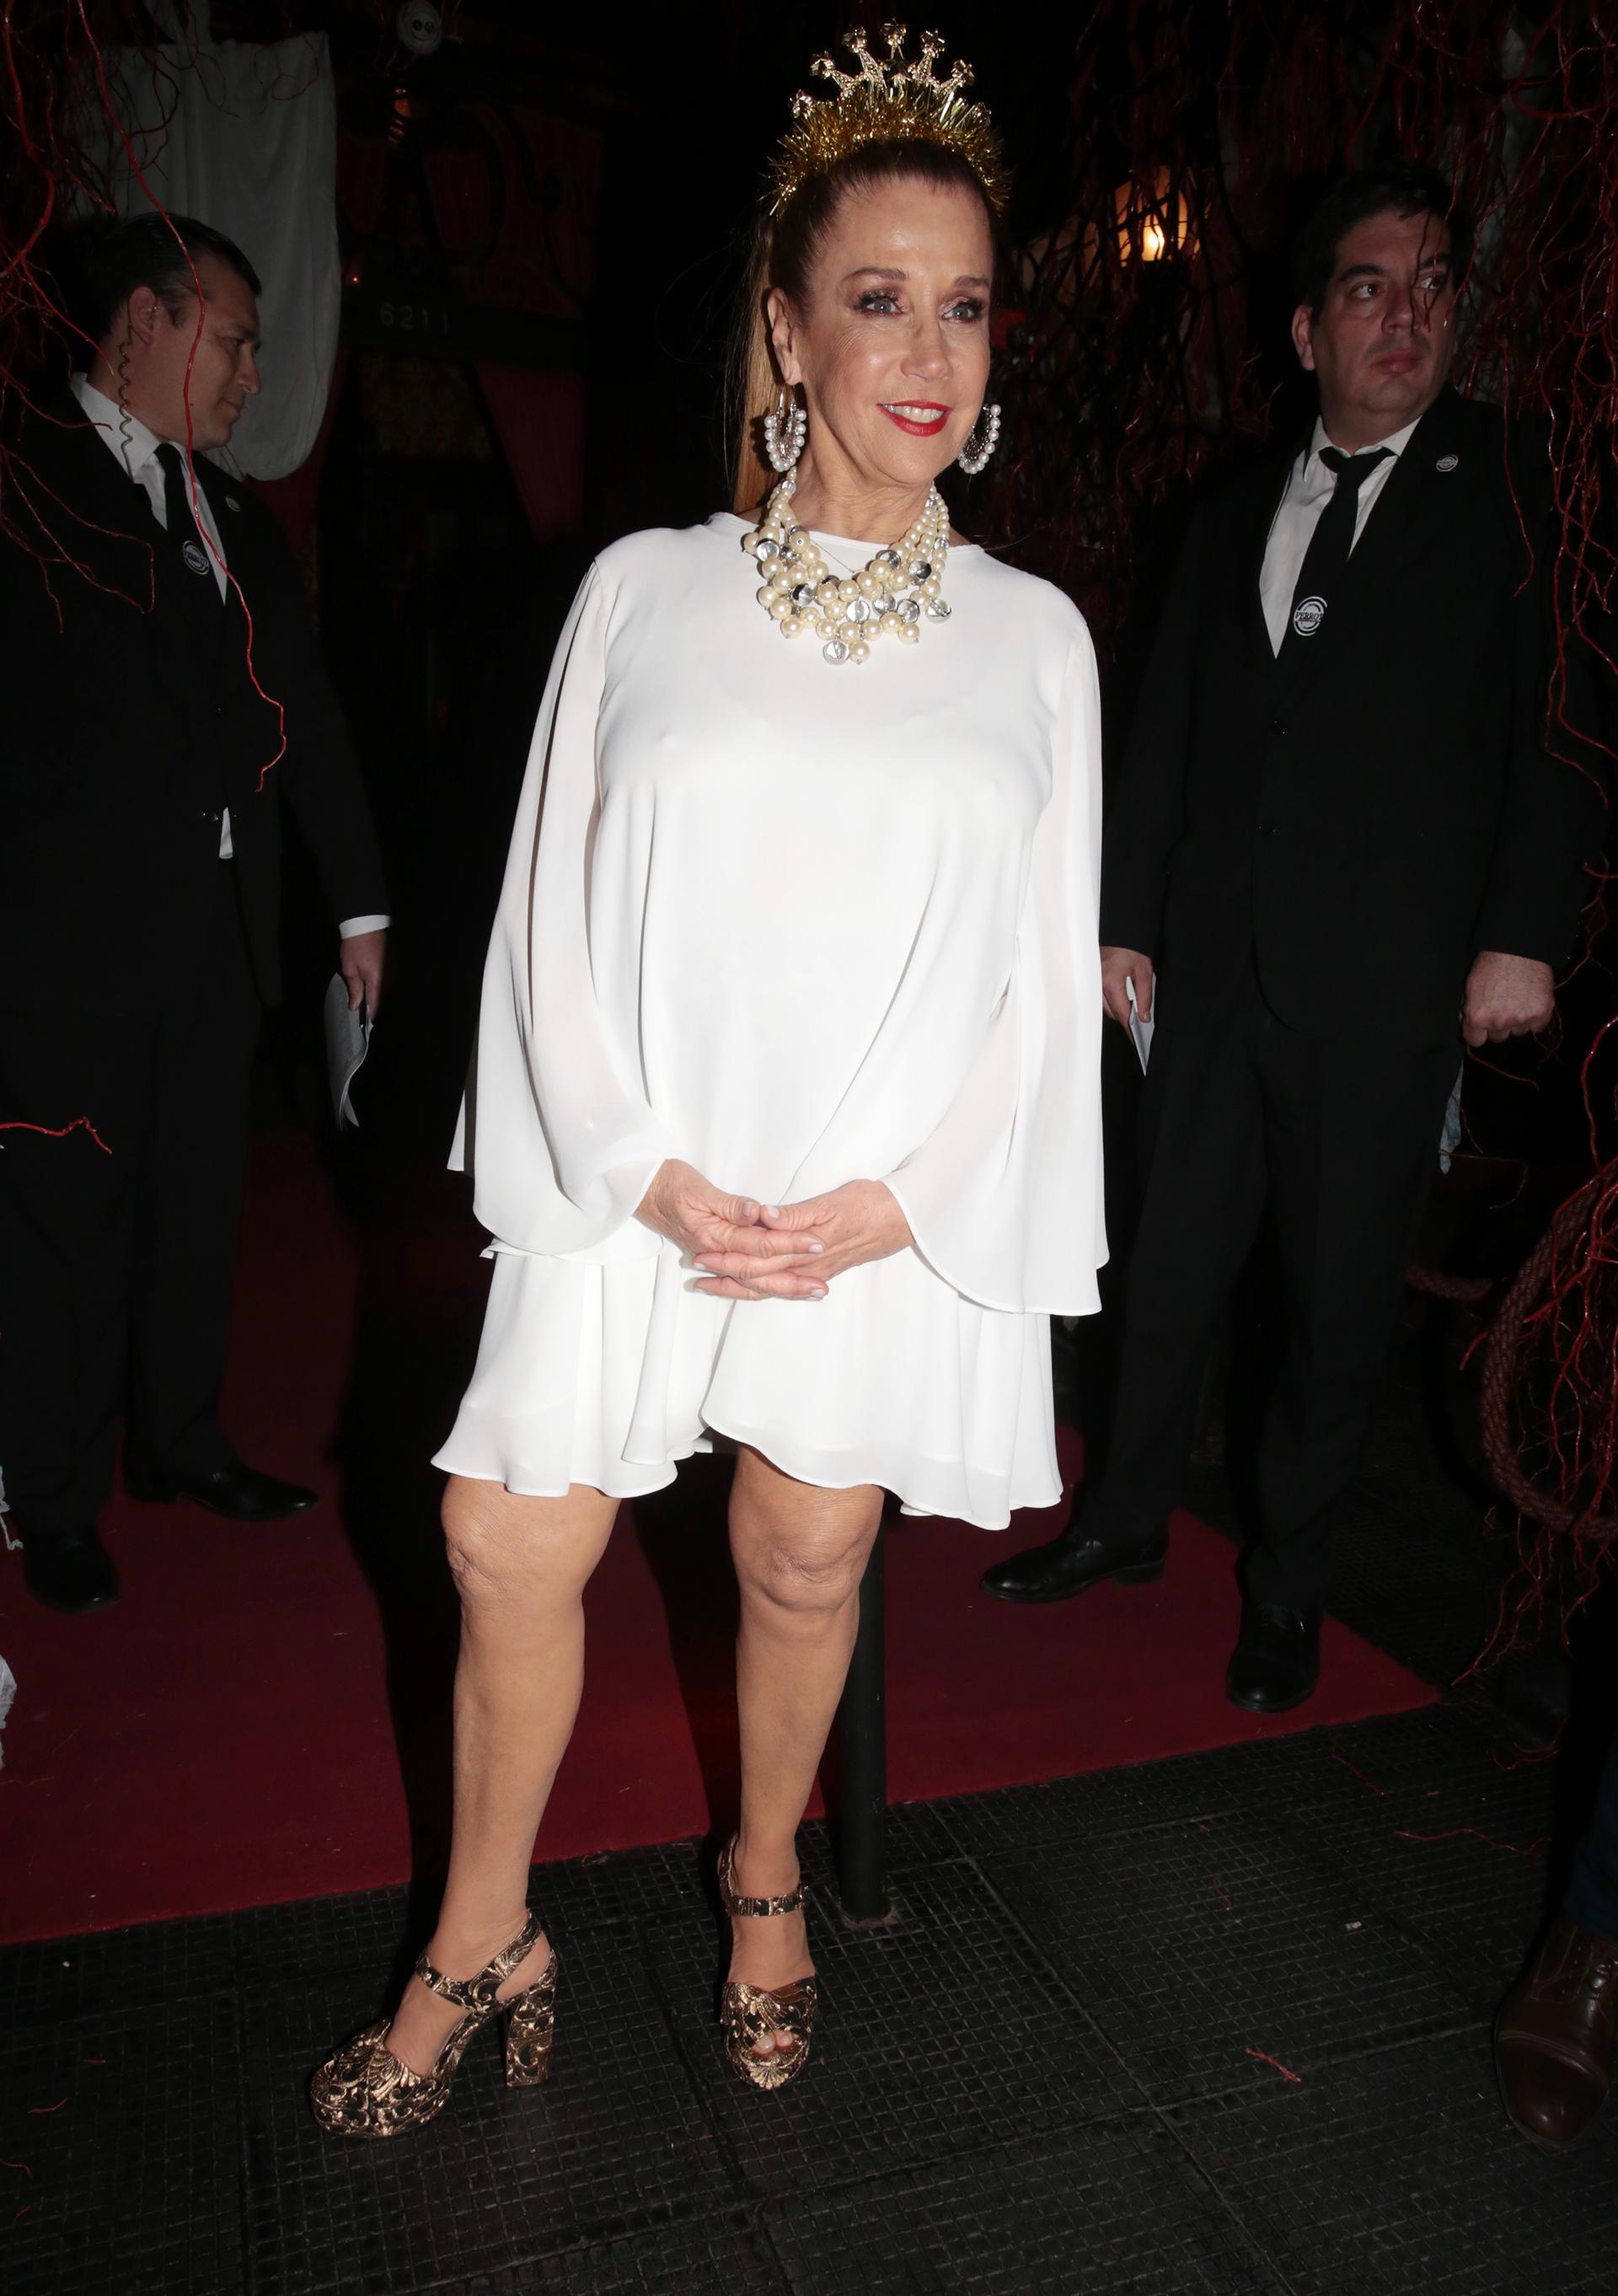 """Marcela Tinayre lució un vestido blanco corto. La conductora de ciclo """"Las Rubias + Uno """", que se emite por KZO de lunes a viernes de 13:30 a 16, completó el look con una corona en su cabeza"""